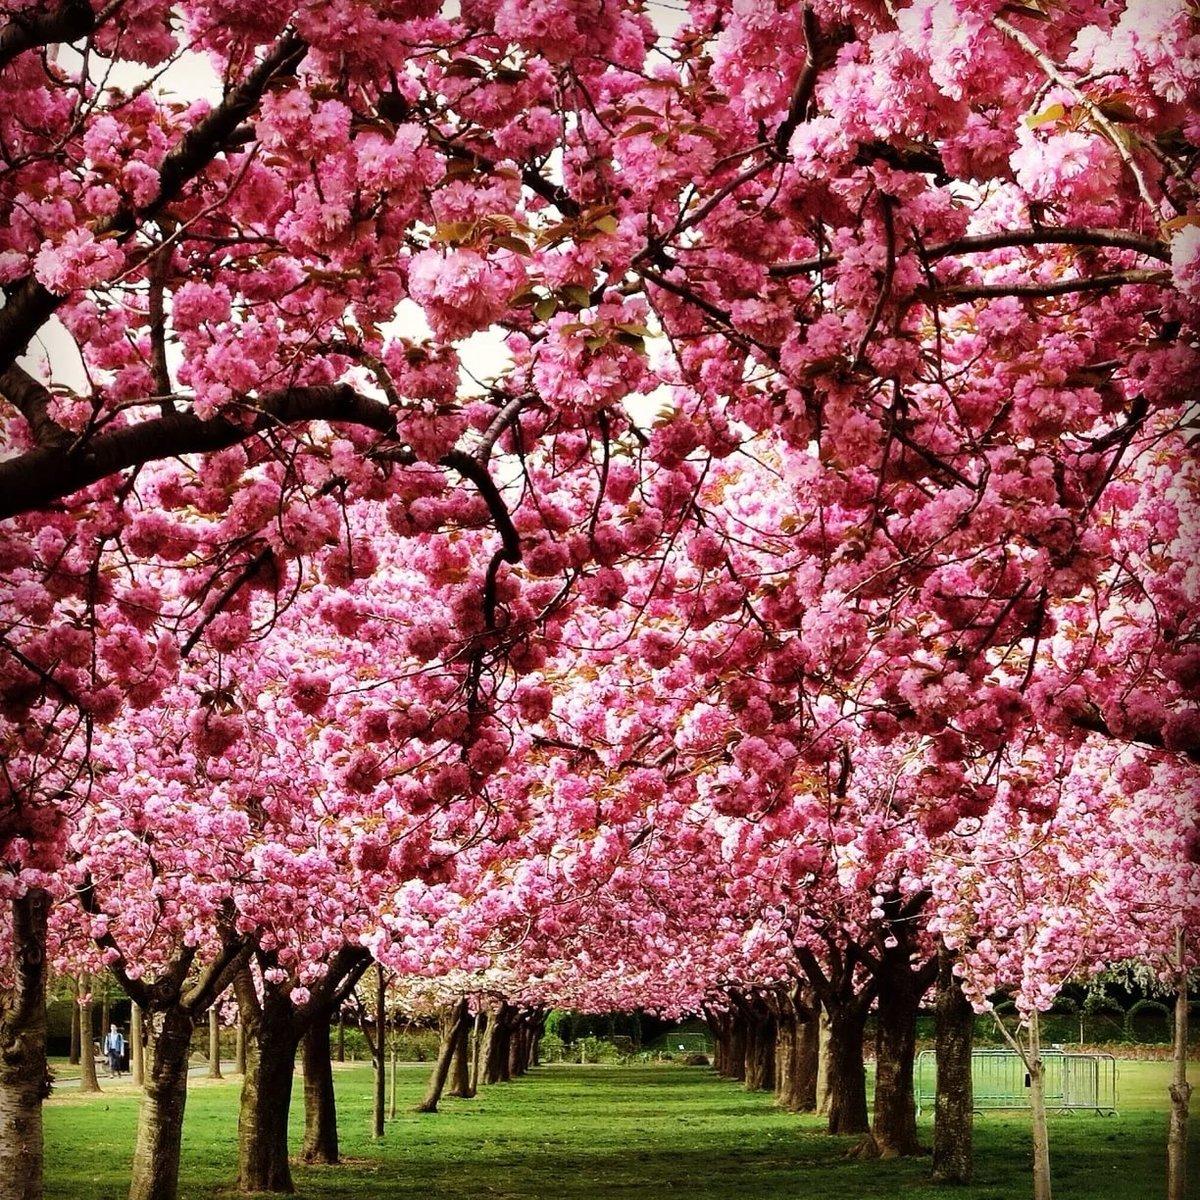 красивое цветущее дерево картинки горя чтоб имелось